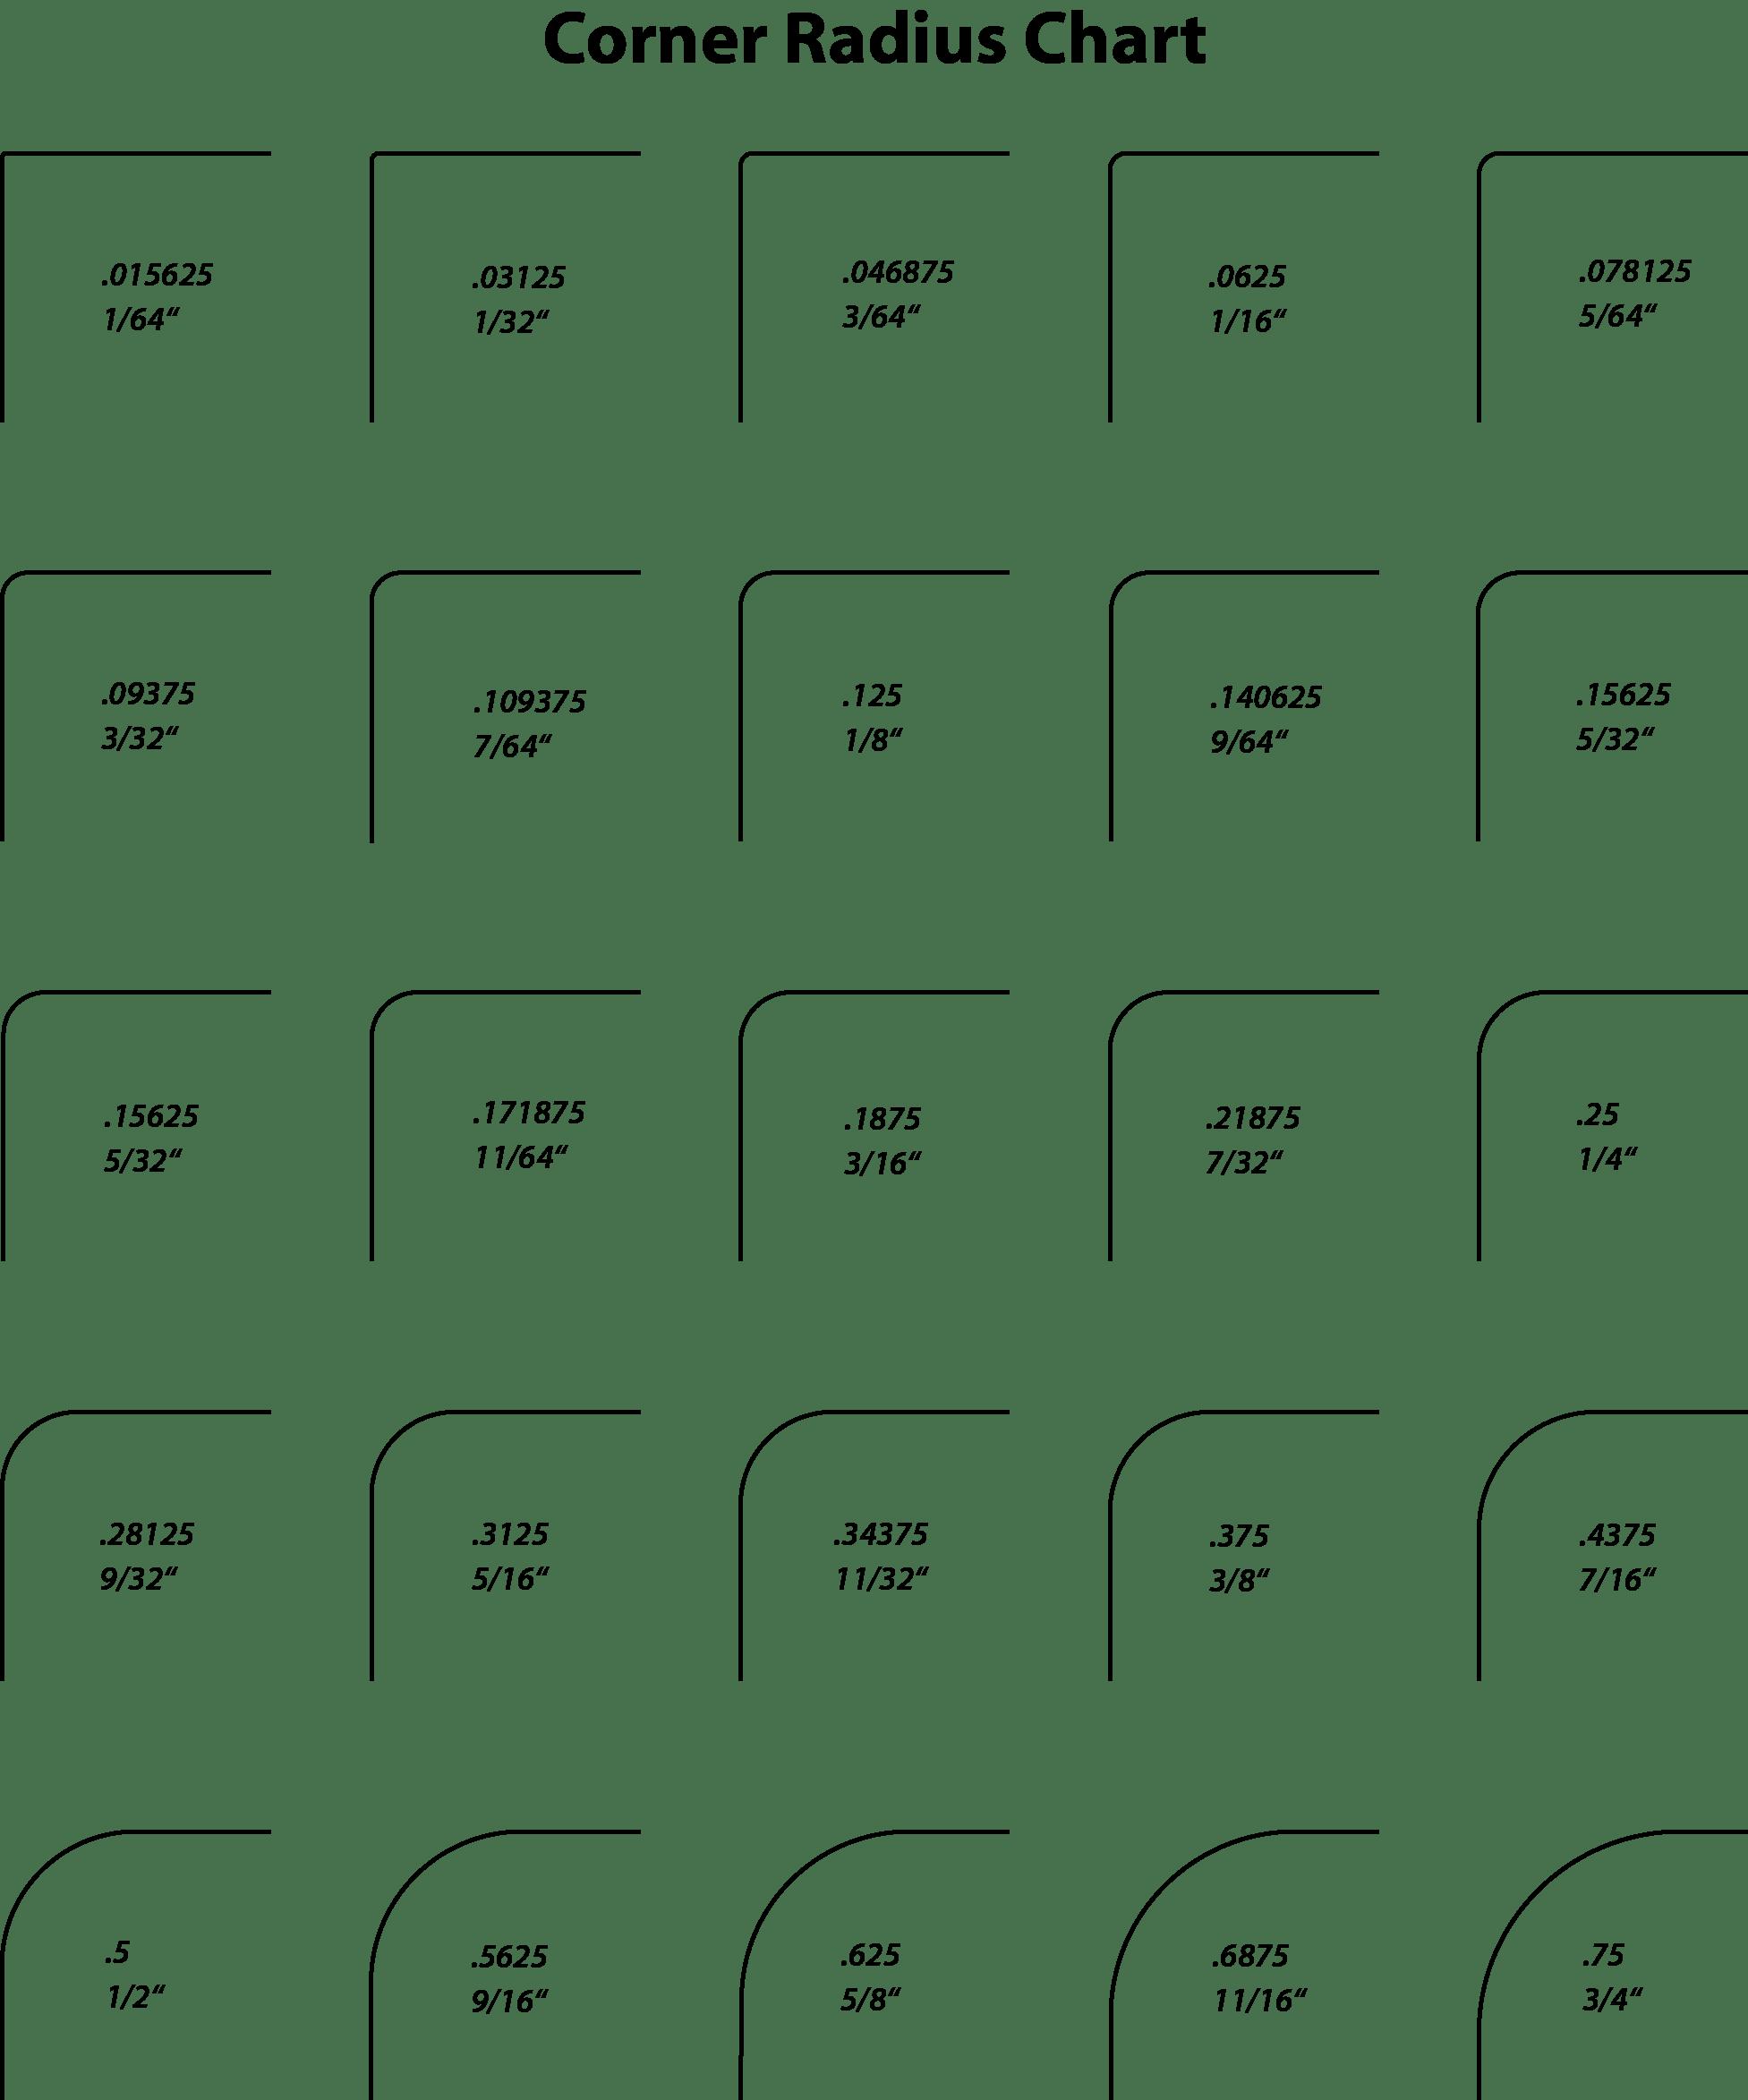 Corner Radius Chart